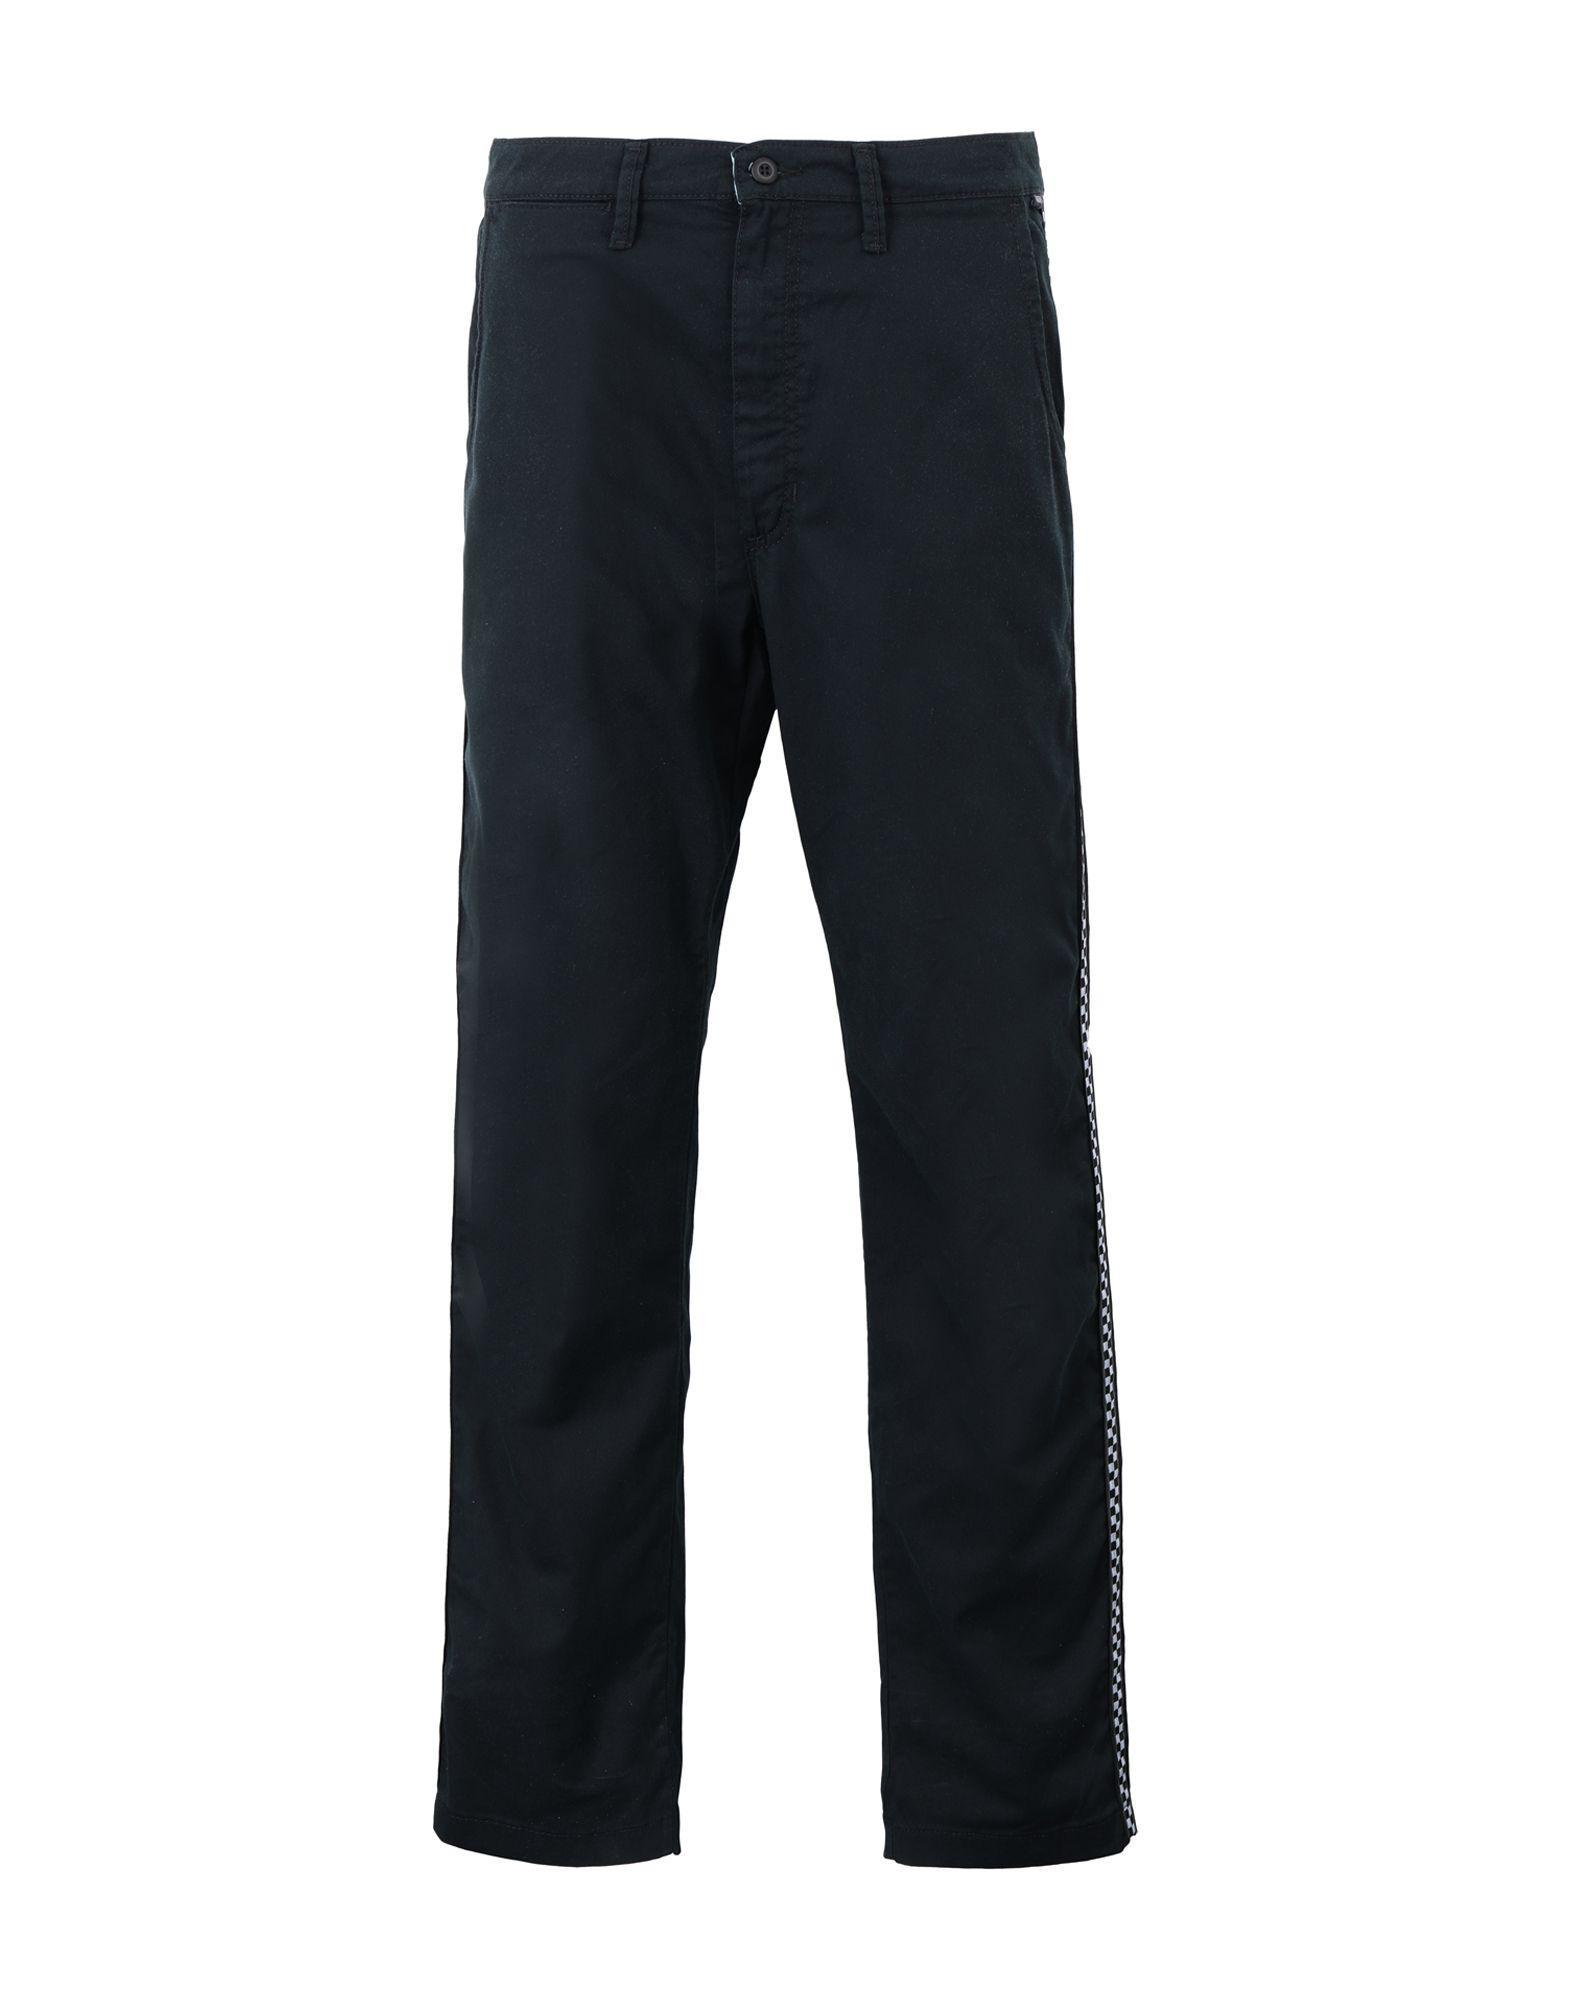 《セール開催中》VANS メンズ パンツ ブラック 29 ポリエステル 64% / コットン 34% / ポリウレタン 2% MN AUTHENTIC CHINO PRO TAPED